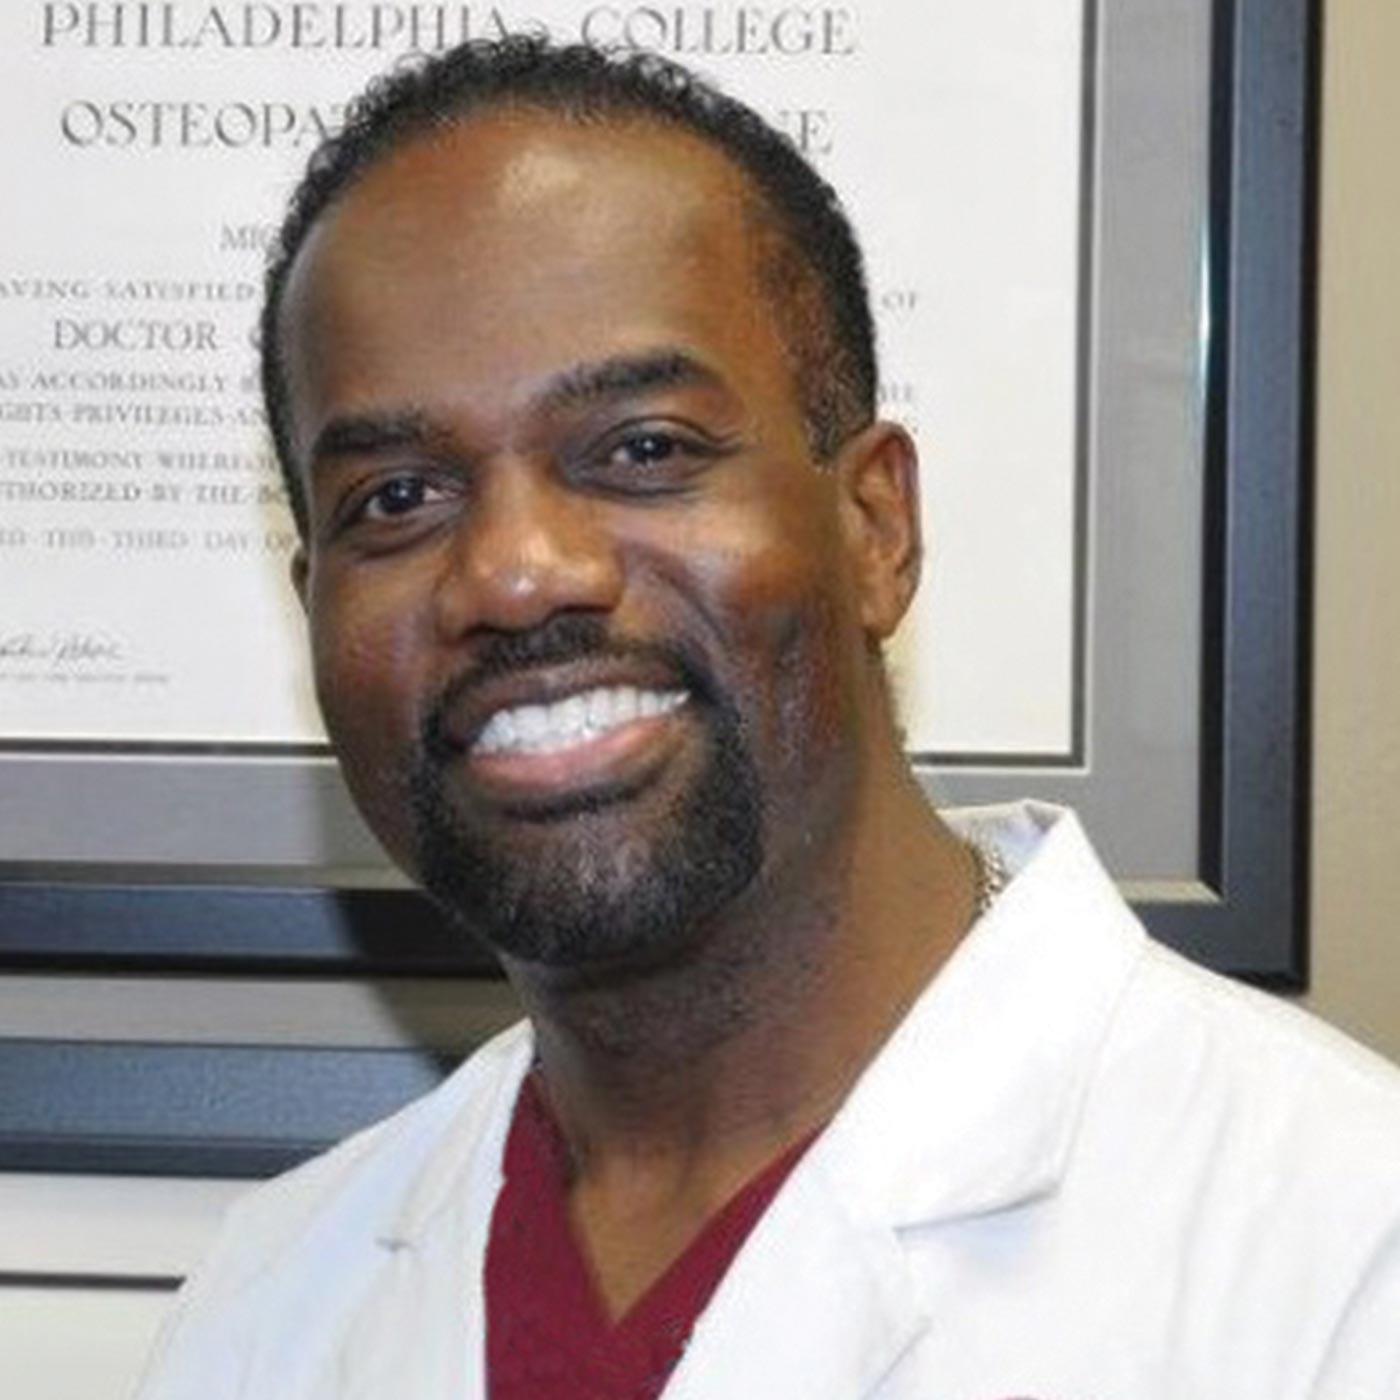 Dr. Kelly